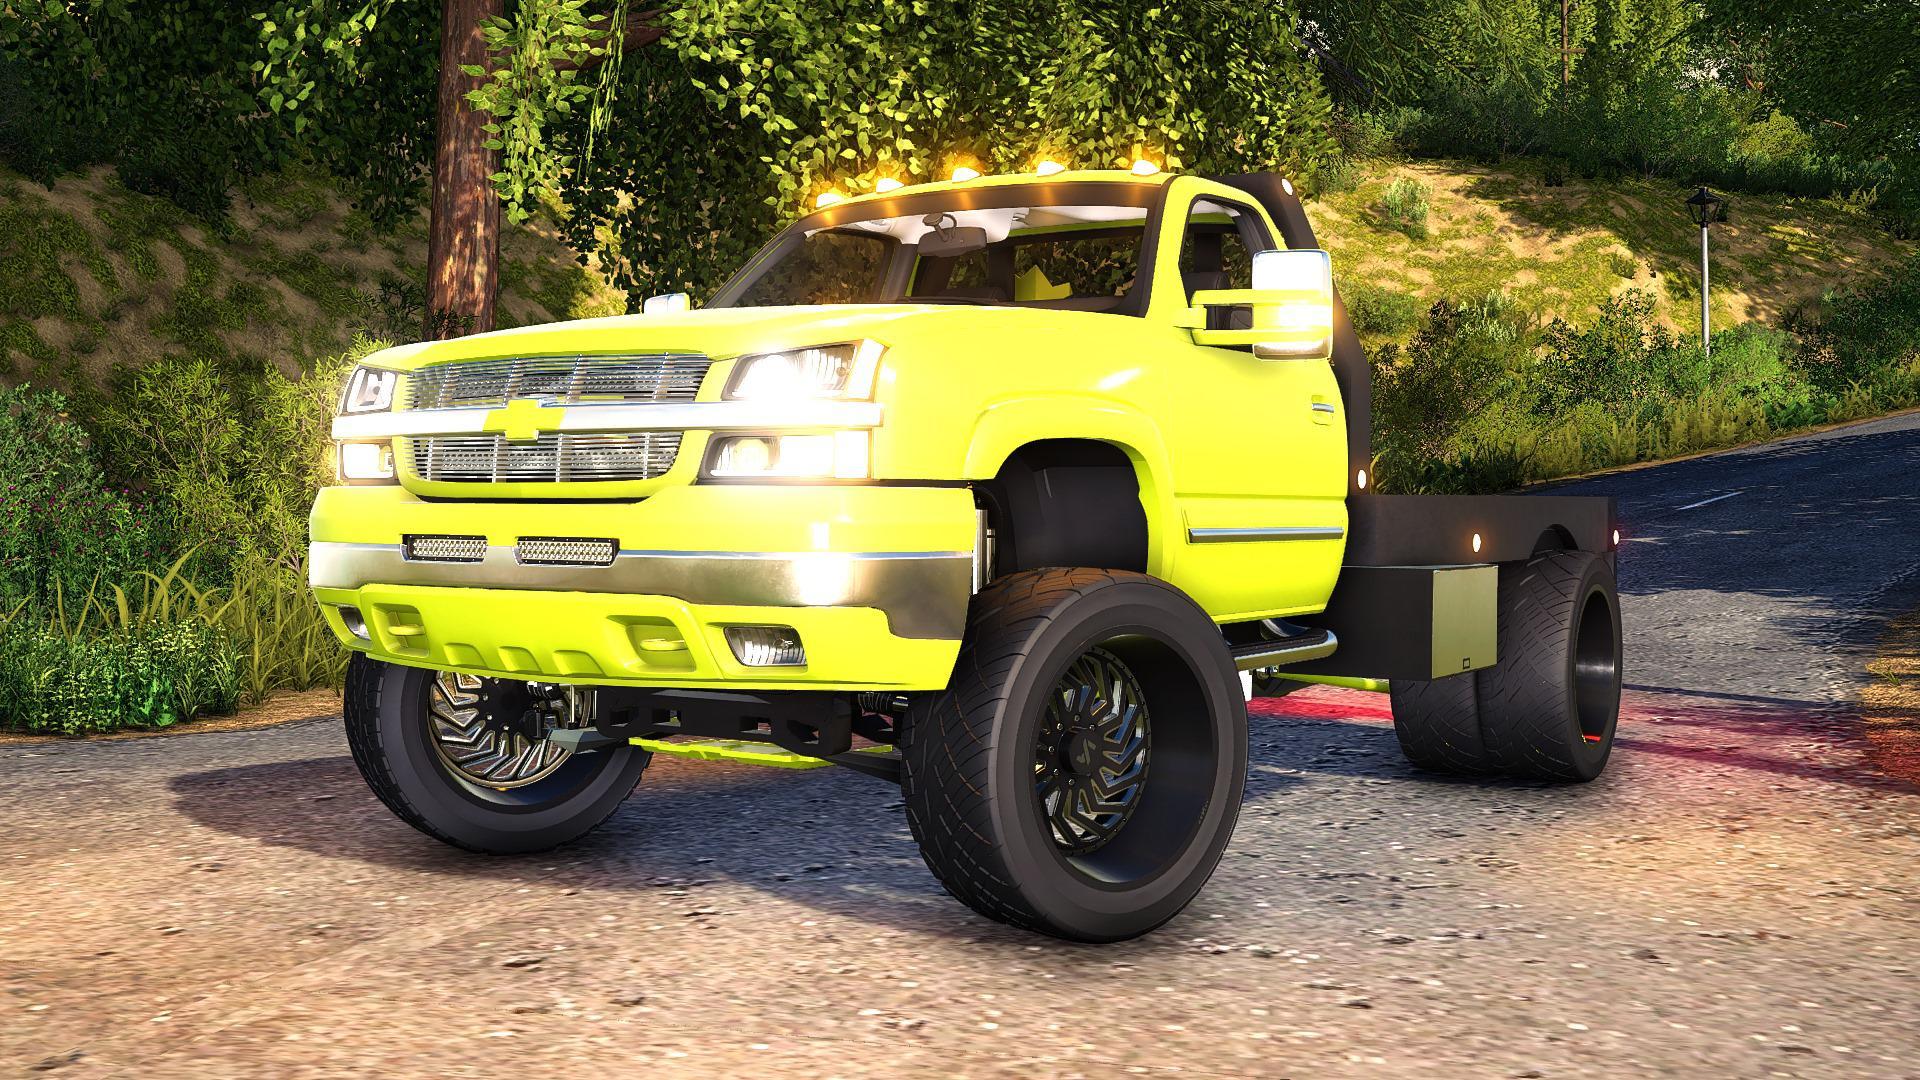 FS19 Chevrolet 3500HD v1.0 FS19 - Farming Simulator 19 Mod ...